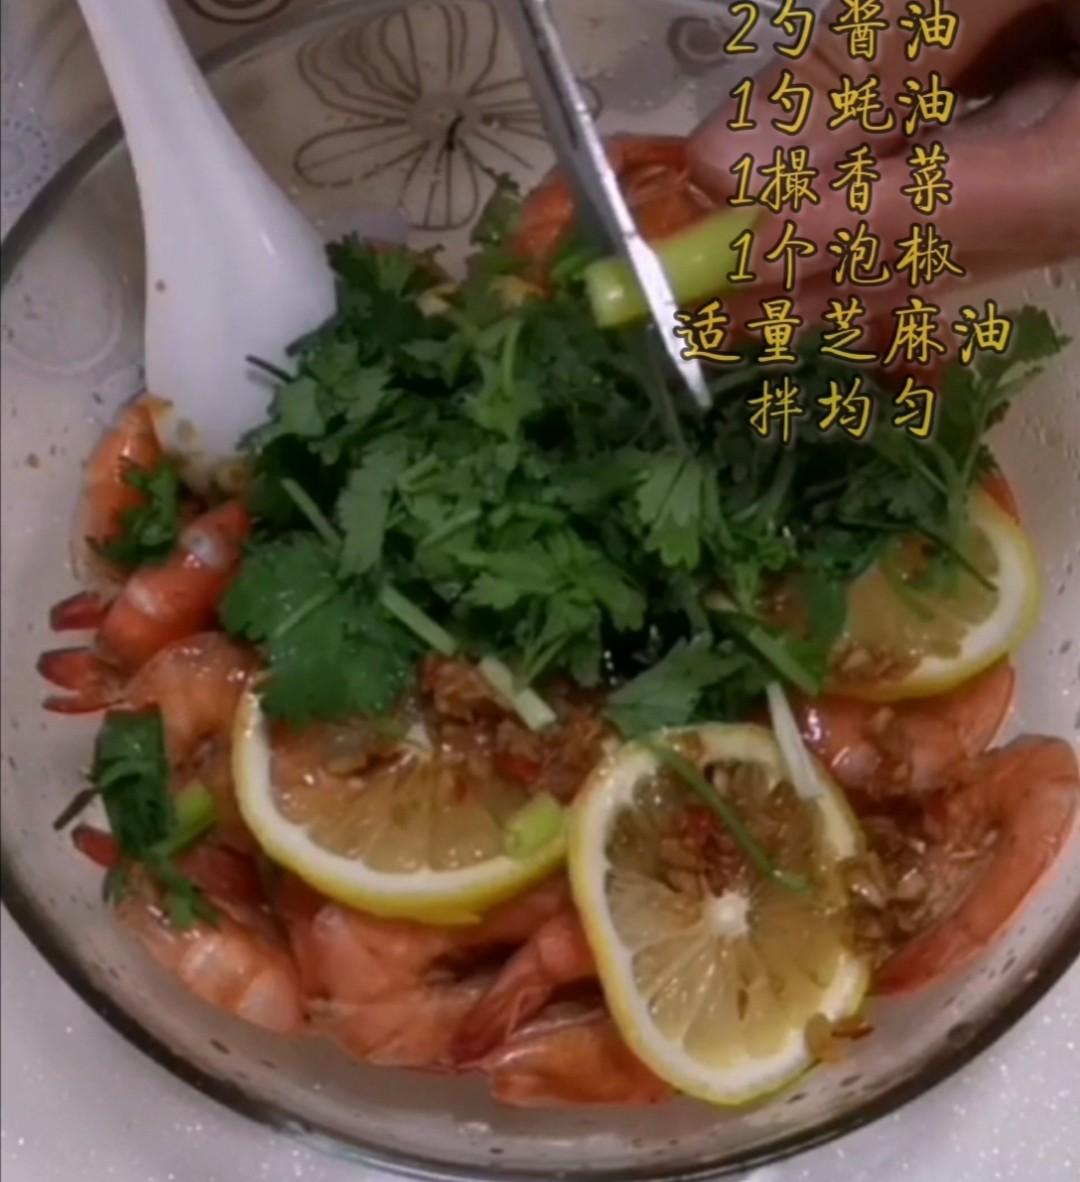 柠檬虾怎么炒